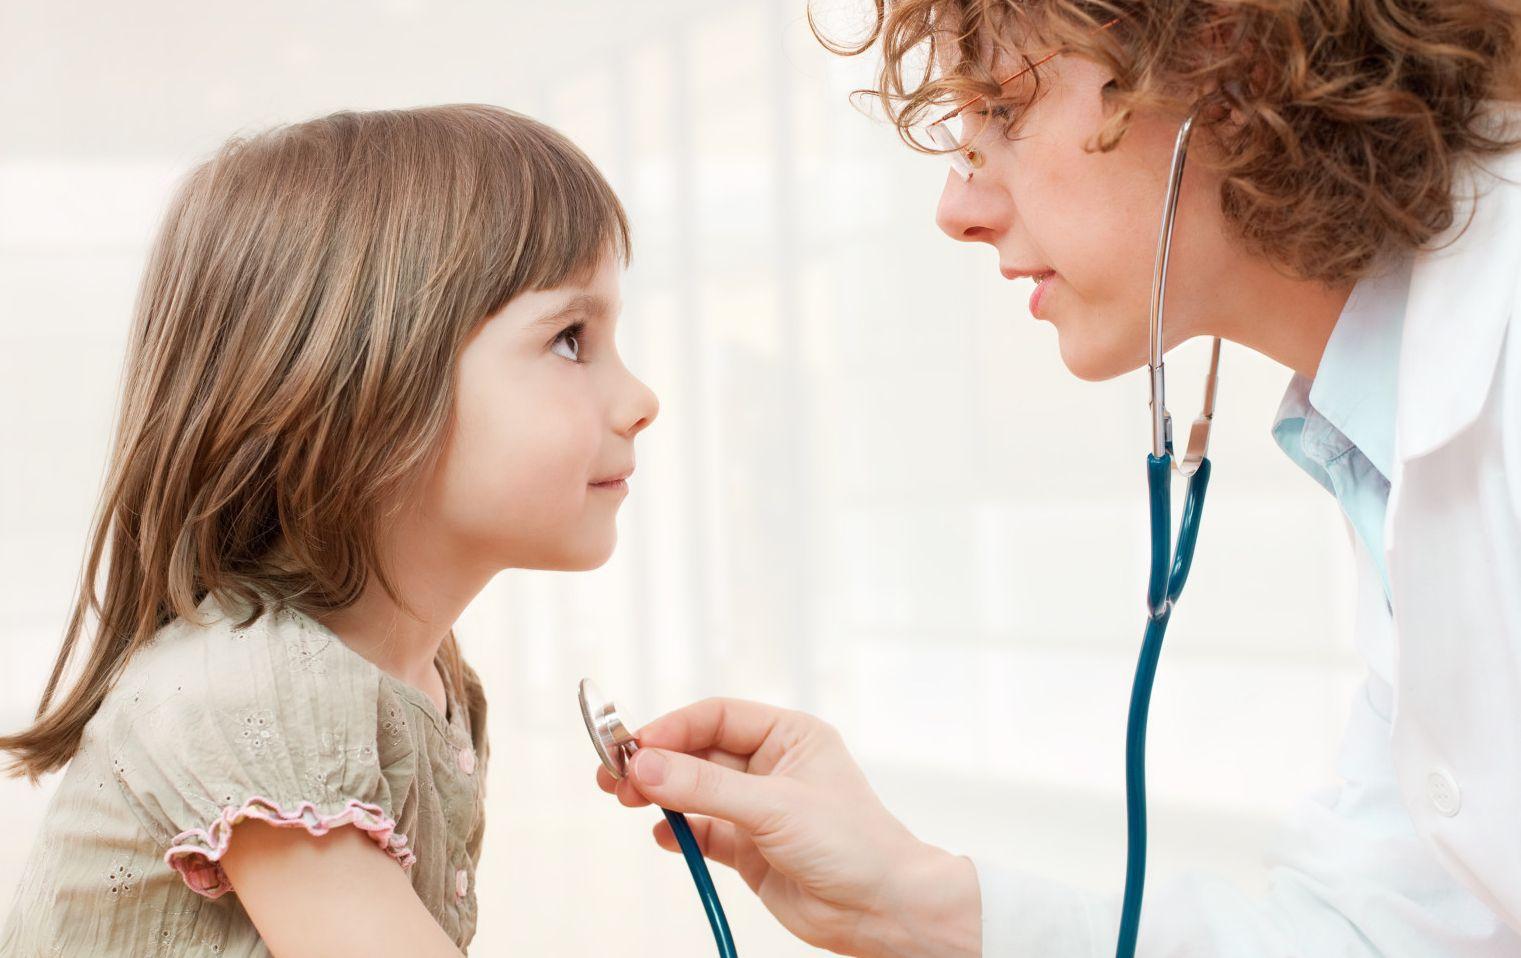 4 raste duhet të telefononi menjëherë një pediatër